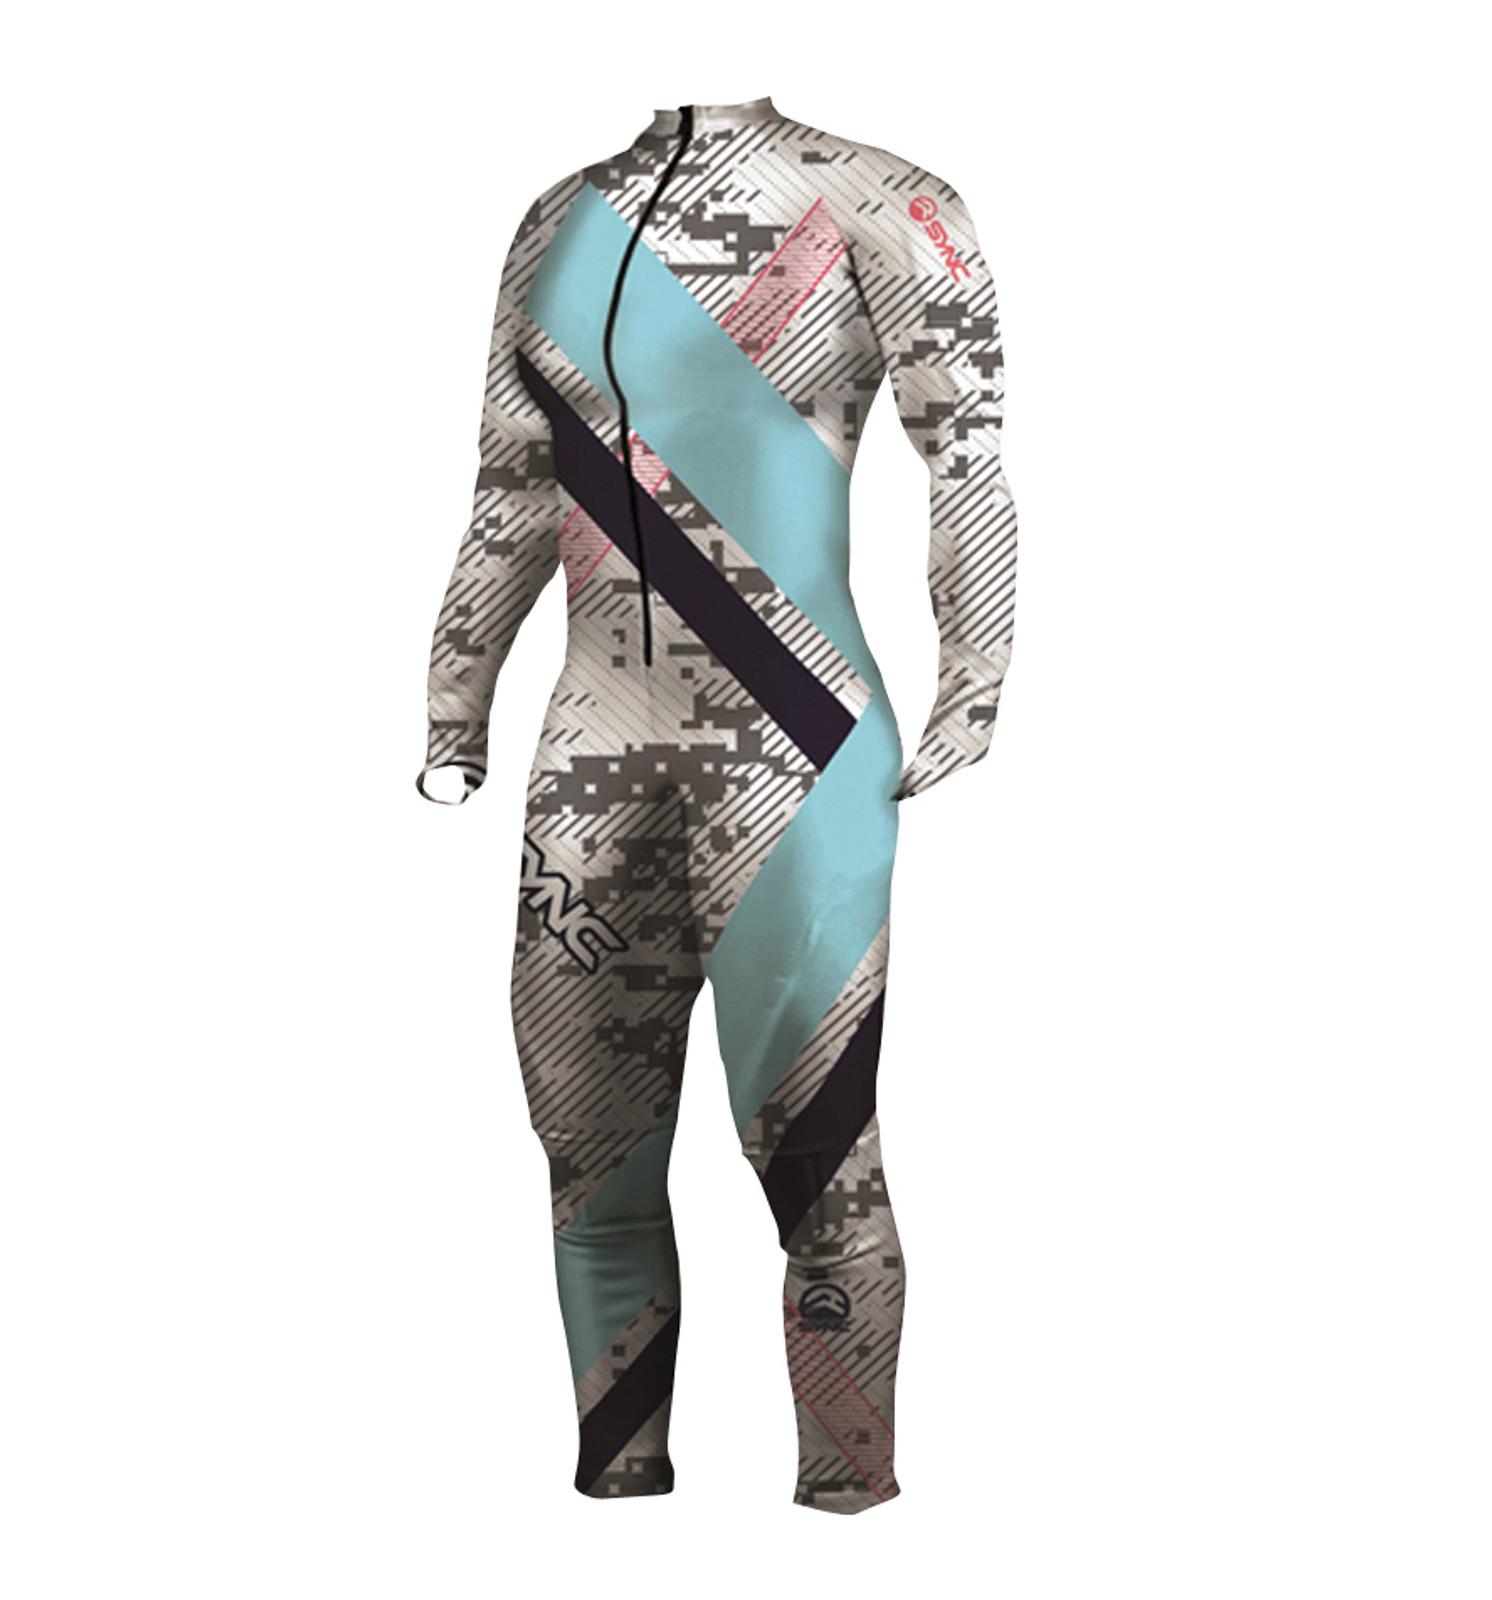 Sync CLEO GS Race Suit